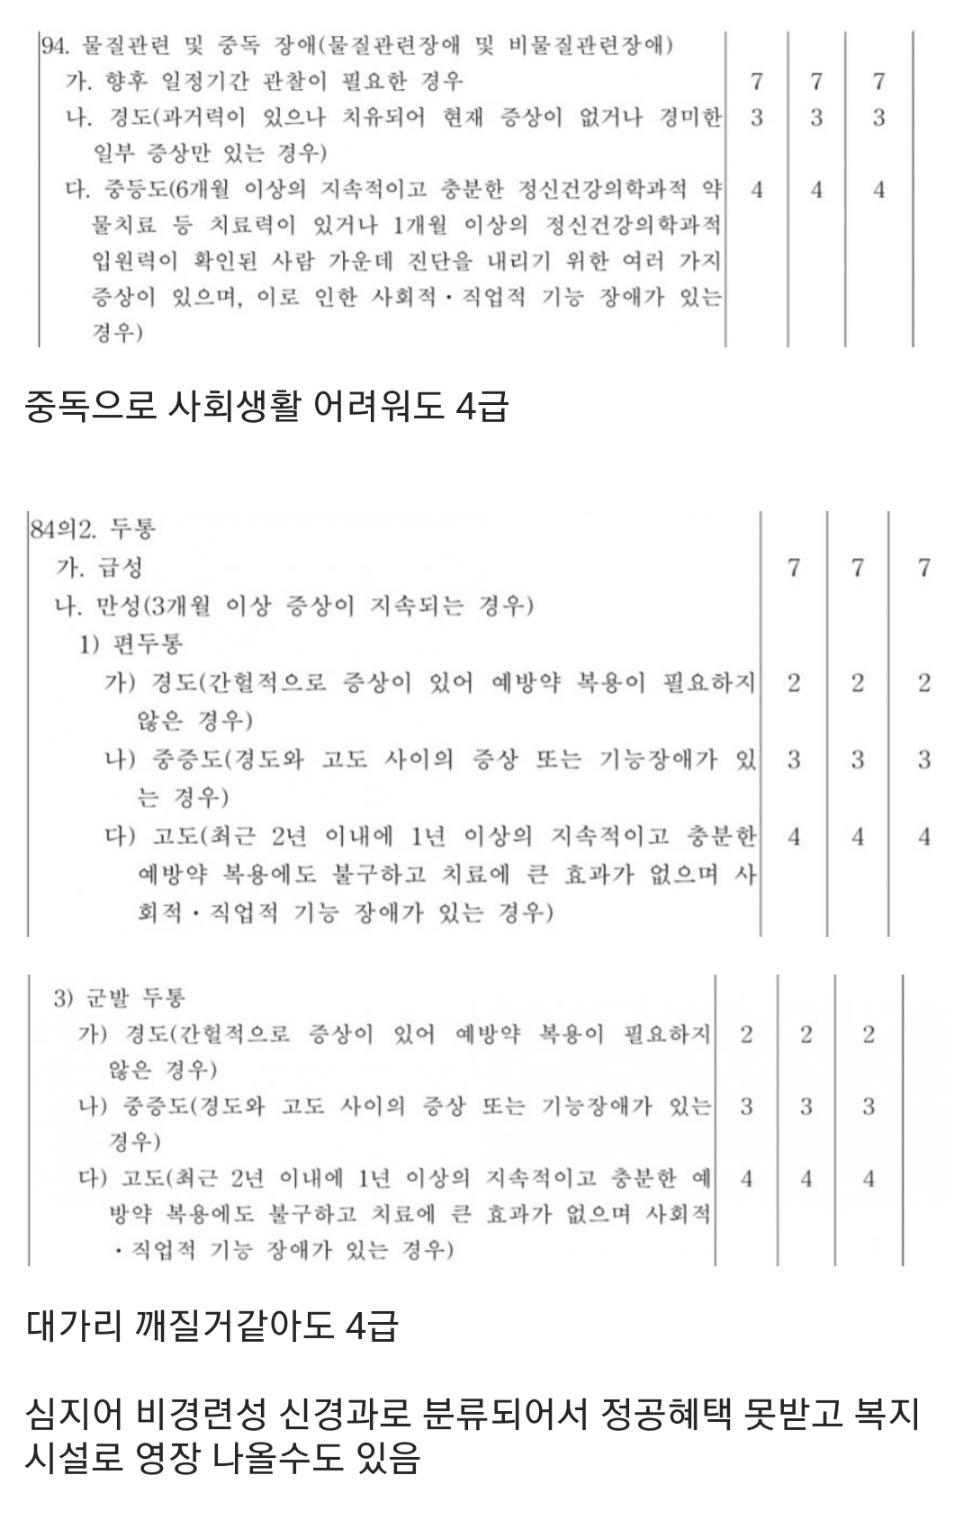 싱글벙글 4급촌 - 꾸르